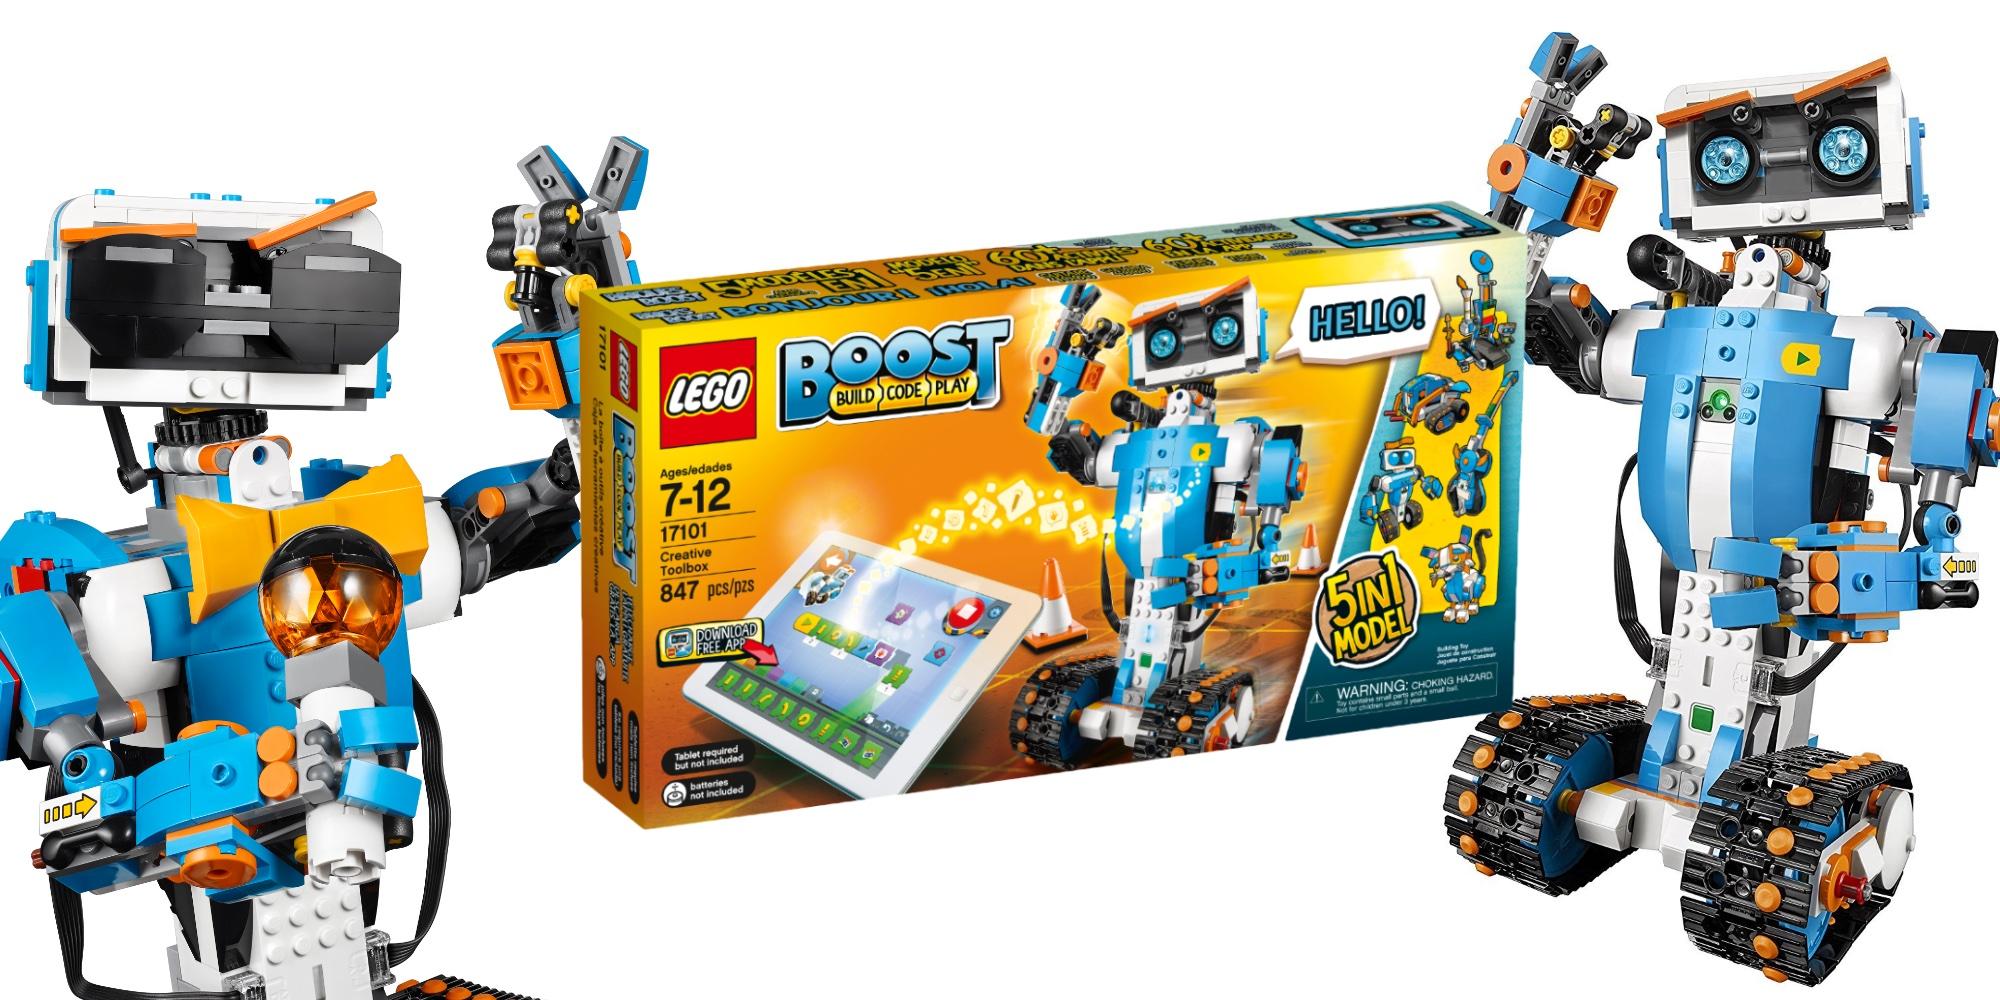 Best coding kits LEGO